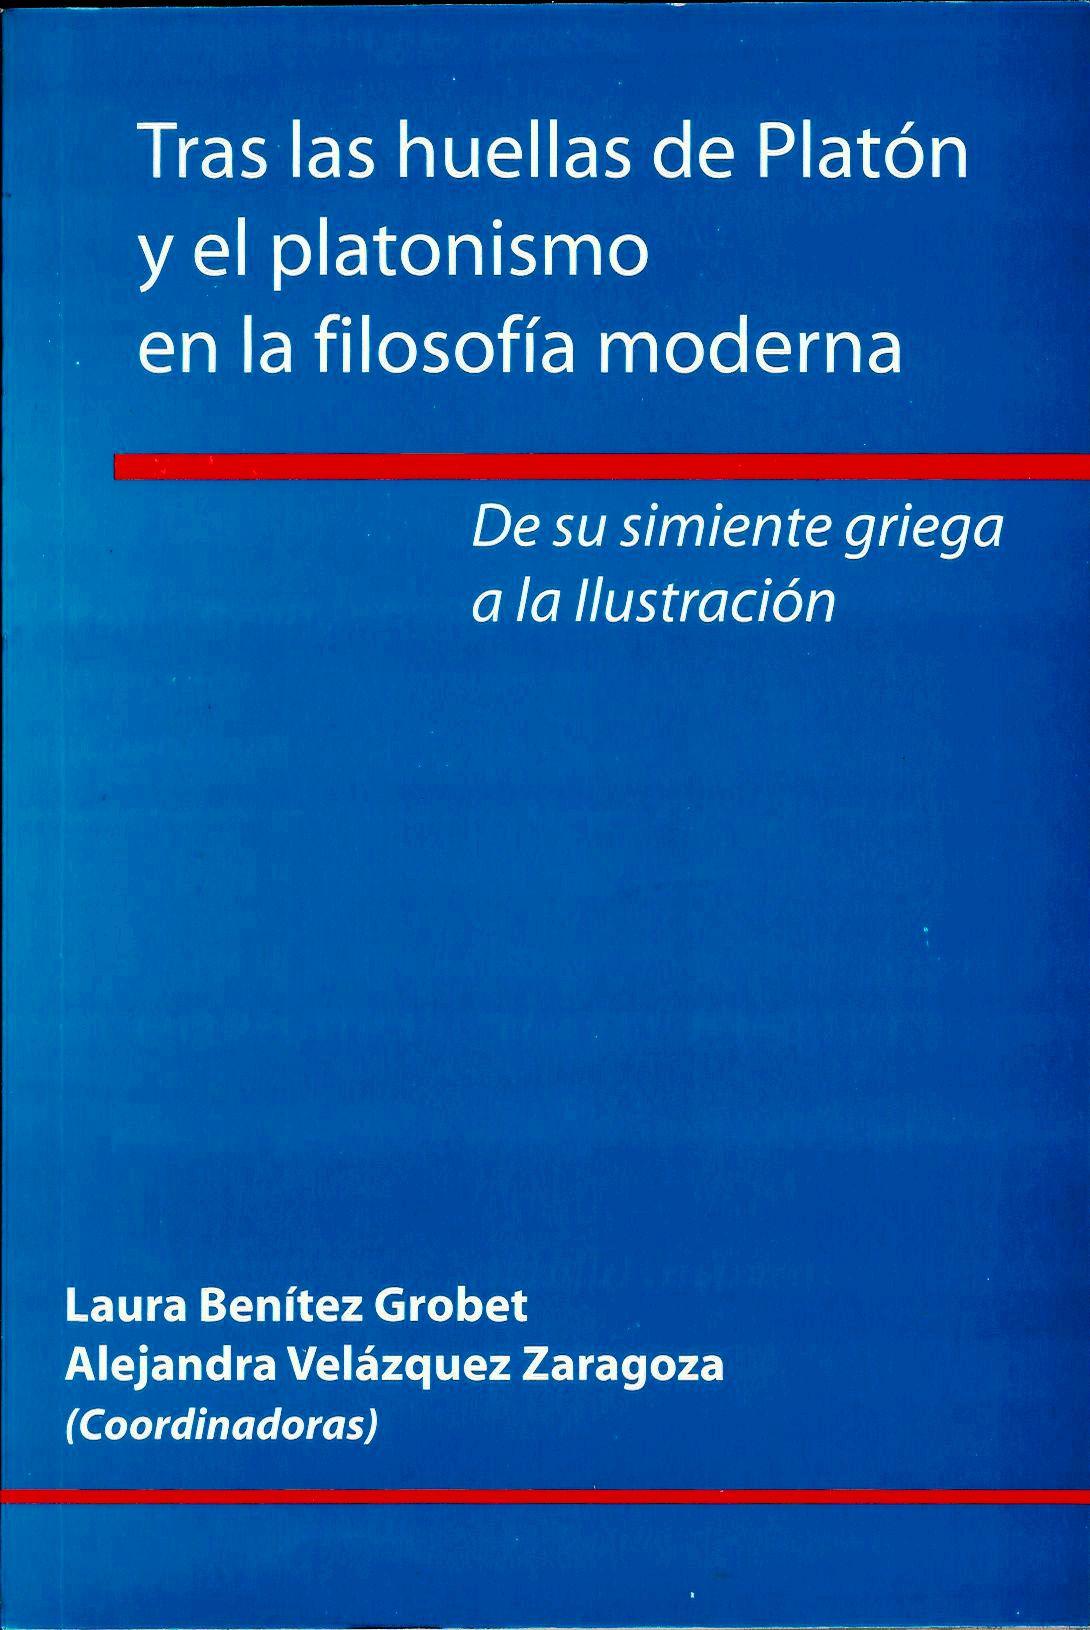 Tras las huellas de Platón y el platonismo en la filosofía moderna De su simiente griega a la Ilustración